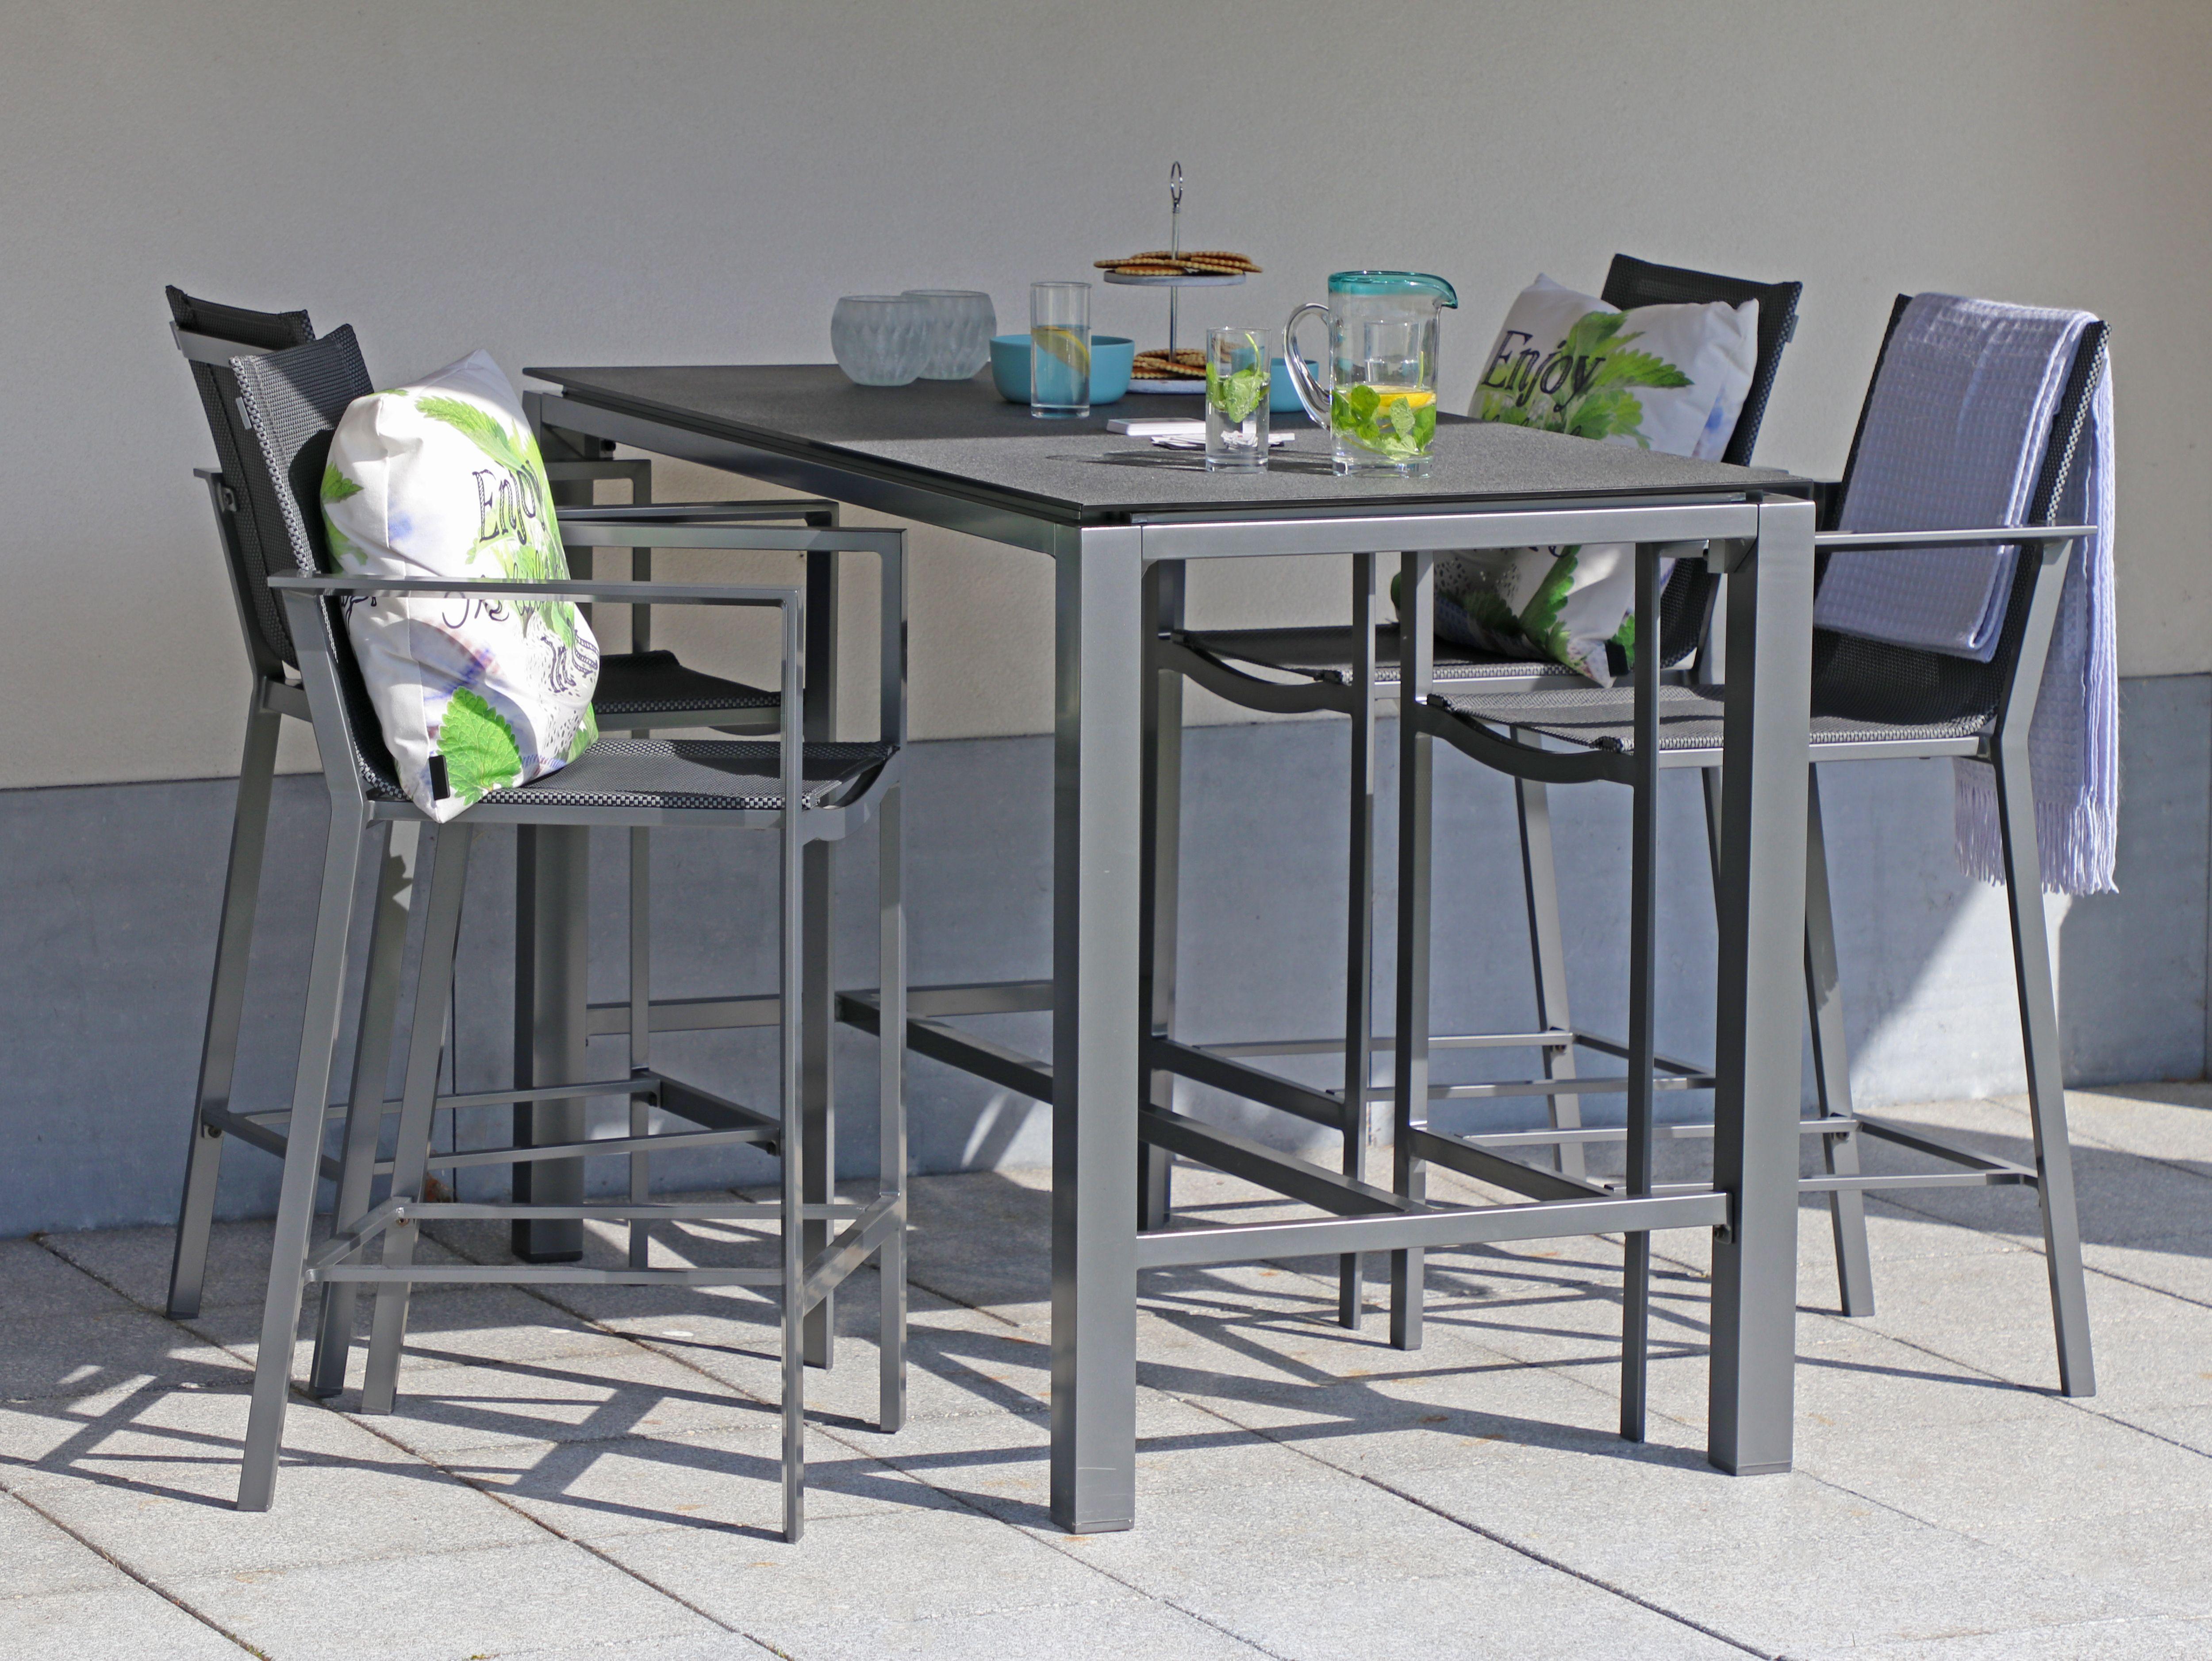 Elegant Gartenbar Set Aus Aluminium Mit Einer Sitzfläche Aus Textilene Mit Bunten  Dekokissen #gartenmöbel #